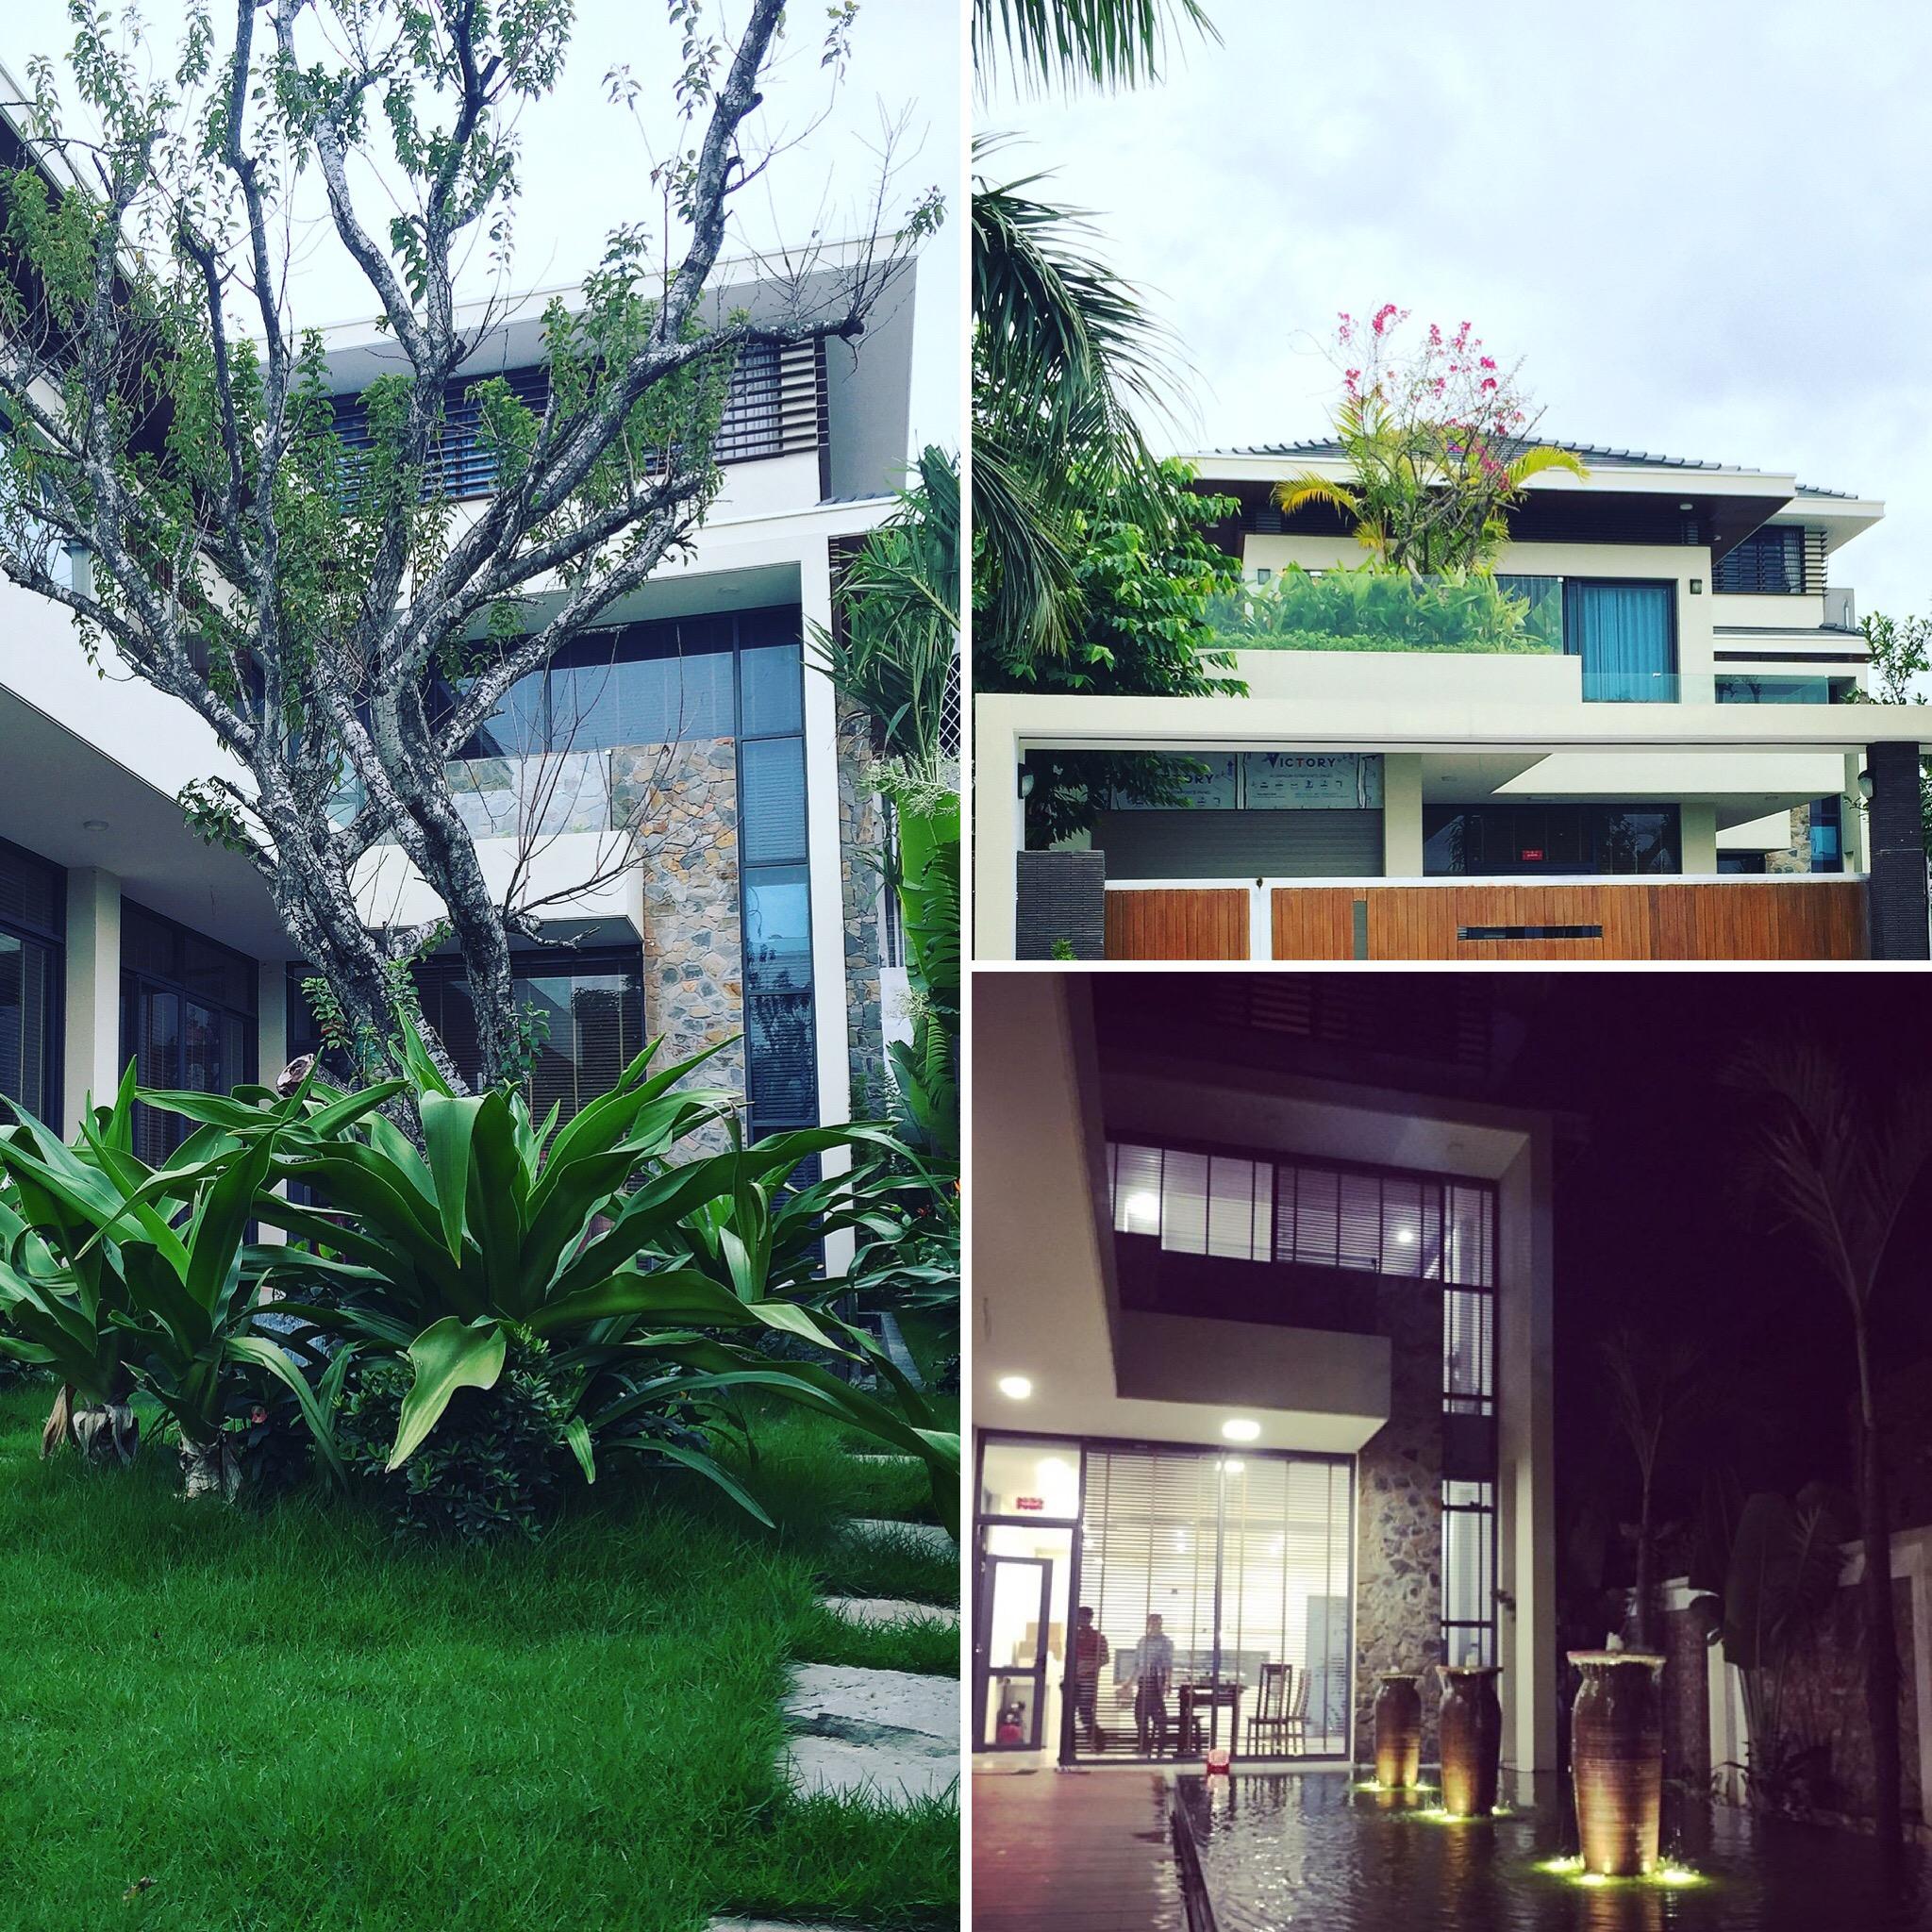 thiết kế Biệt Thự 3 tầng tại Bắc Ninh T VILLA 2 1562170229